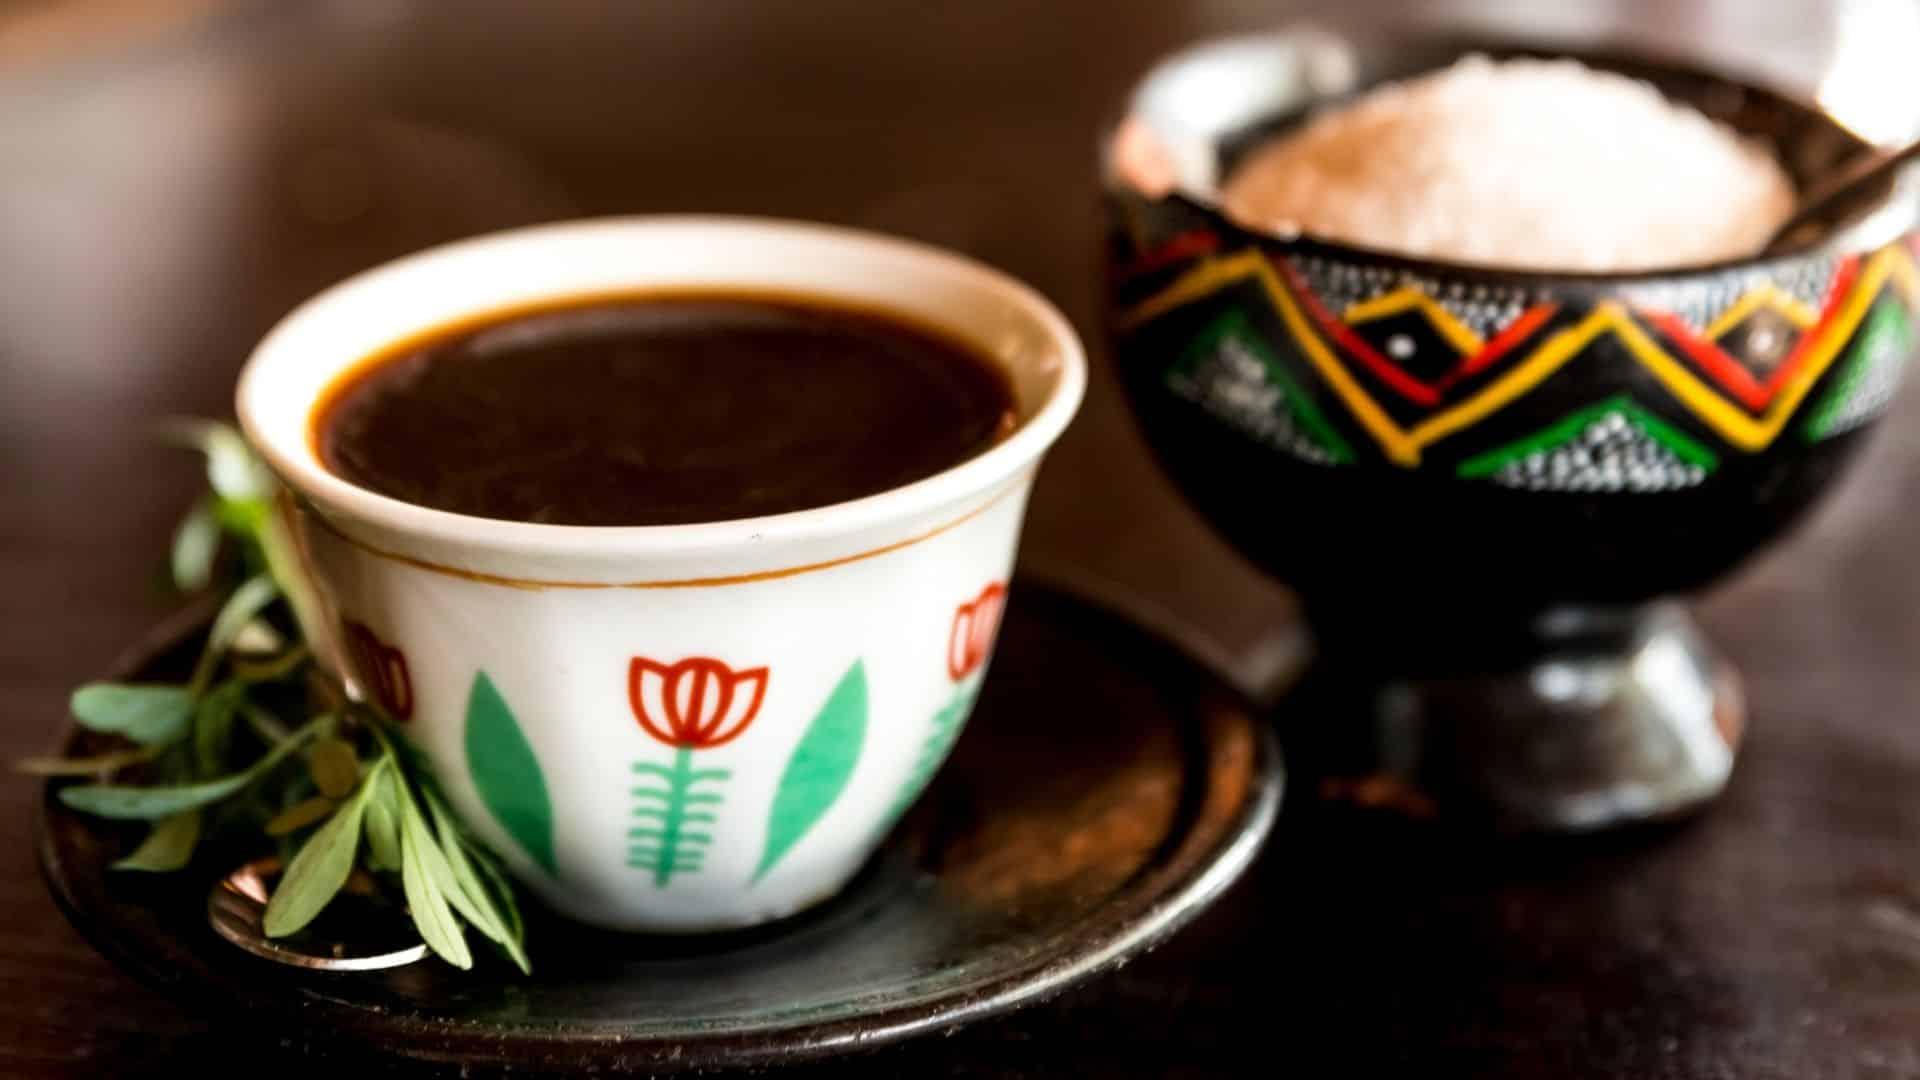 Kulturális szempontból a kávé az etióp és jemeni történelem jelentős része. Ez a kulturális kávé eredete jelentőség már 14 évszázadra nyúlik vissza. Ekkor fedezték fel (vagy nem) a kávét Jemenben (vagy Etiópiában ... attól függően, hogy kiket kérdeznek). Az, hogy a kávé eredete és kávét először Etiópiában, vagy Jemenben használták-e, vita tárgya. Minden országnak megvannak a maga mítoszai, legendái és tényei az ital eredetéről.